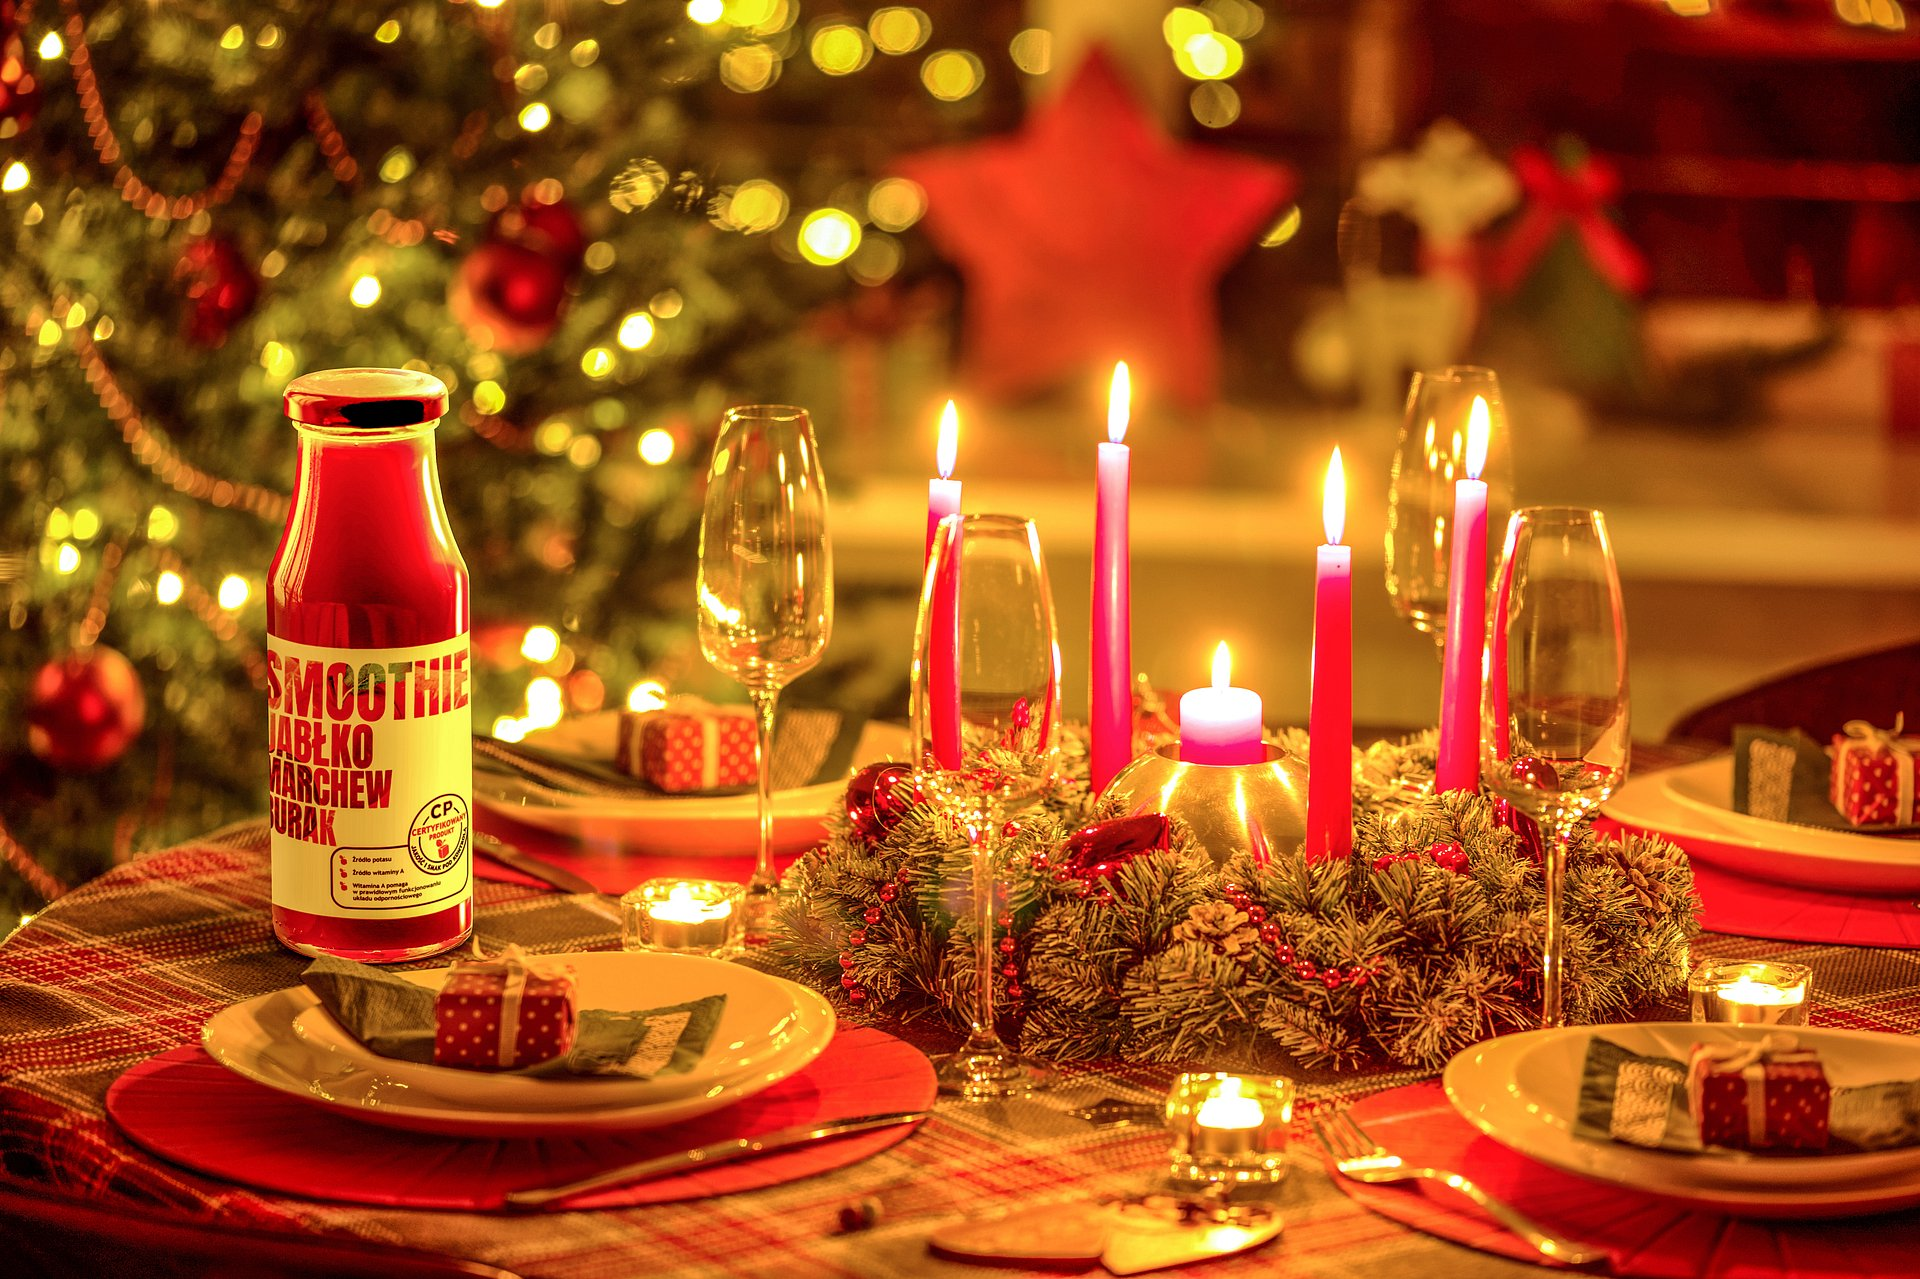 Kurs zdrowego żywienia na święta – jakość na świątecznych listach zakupów